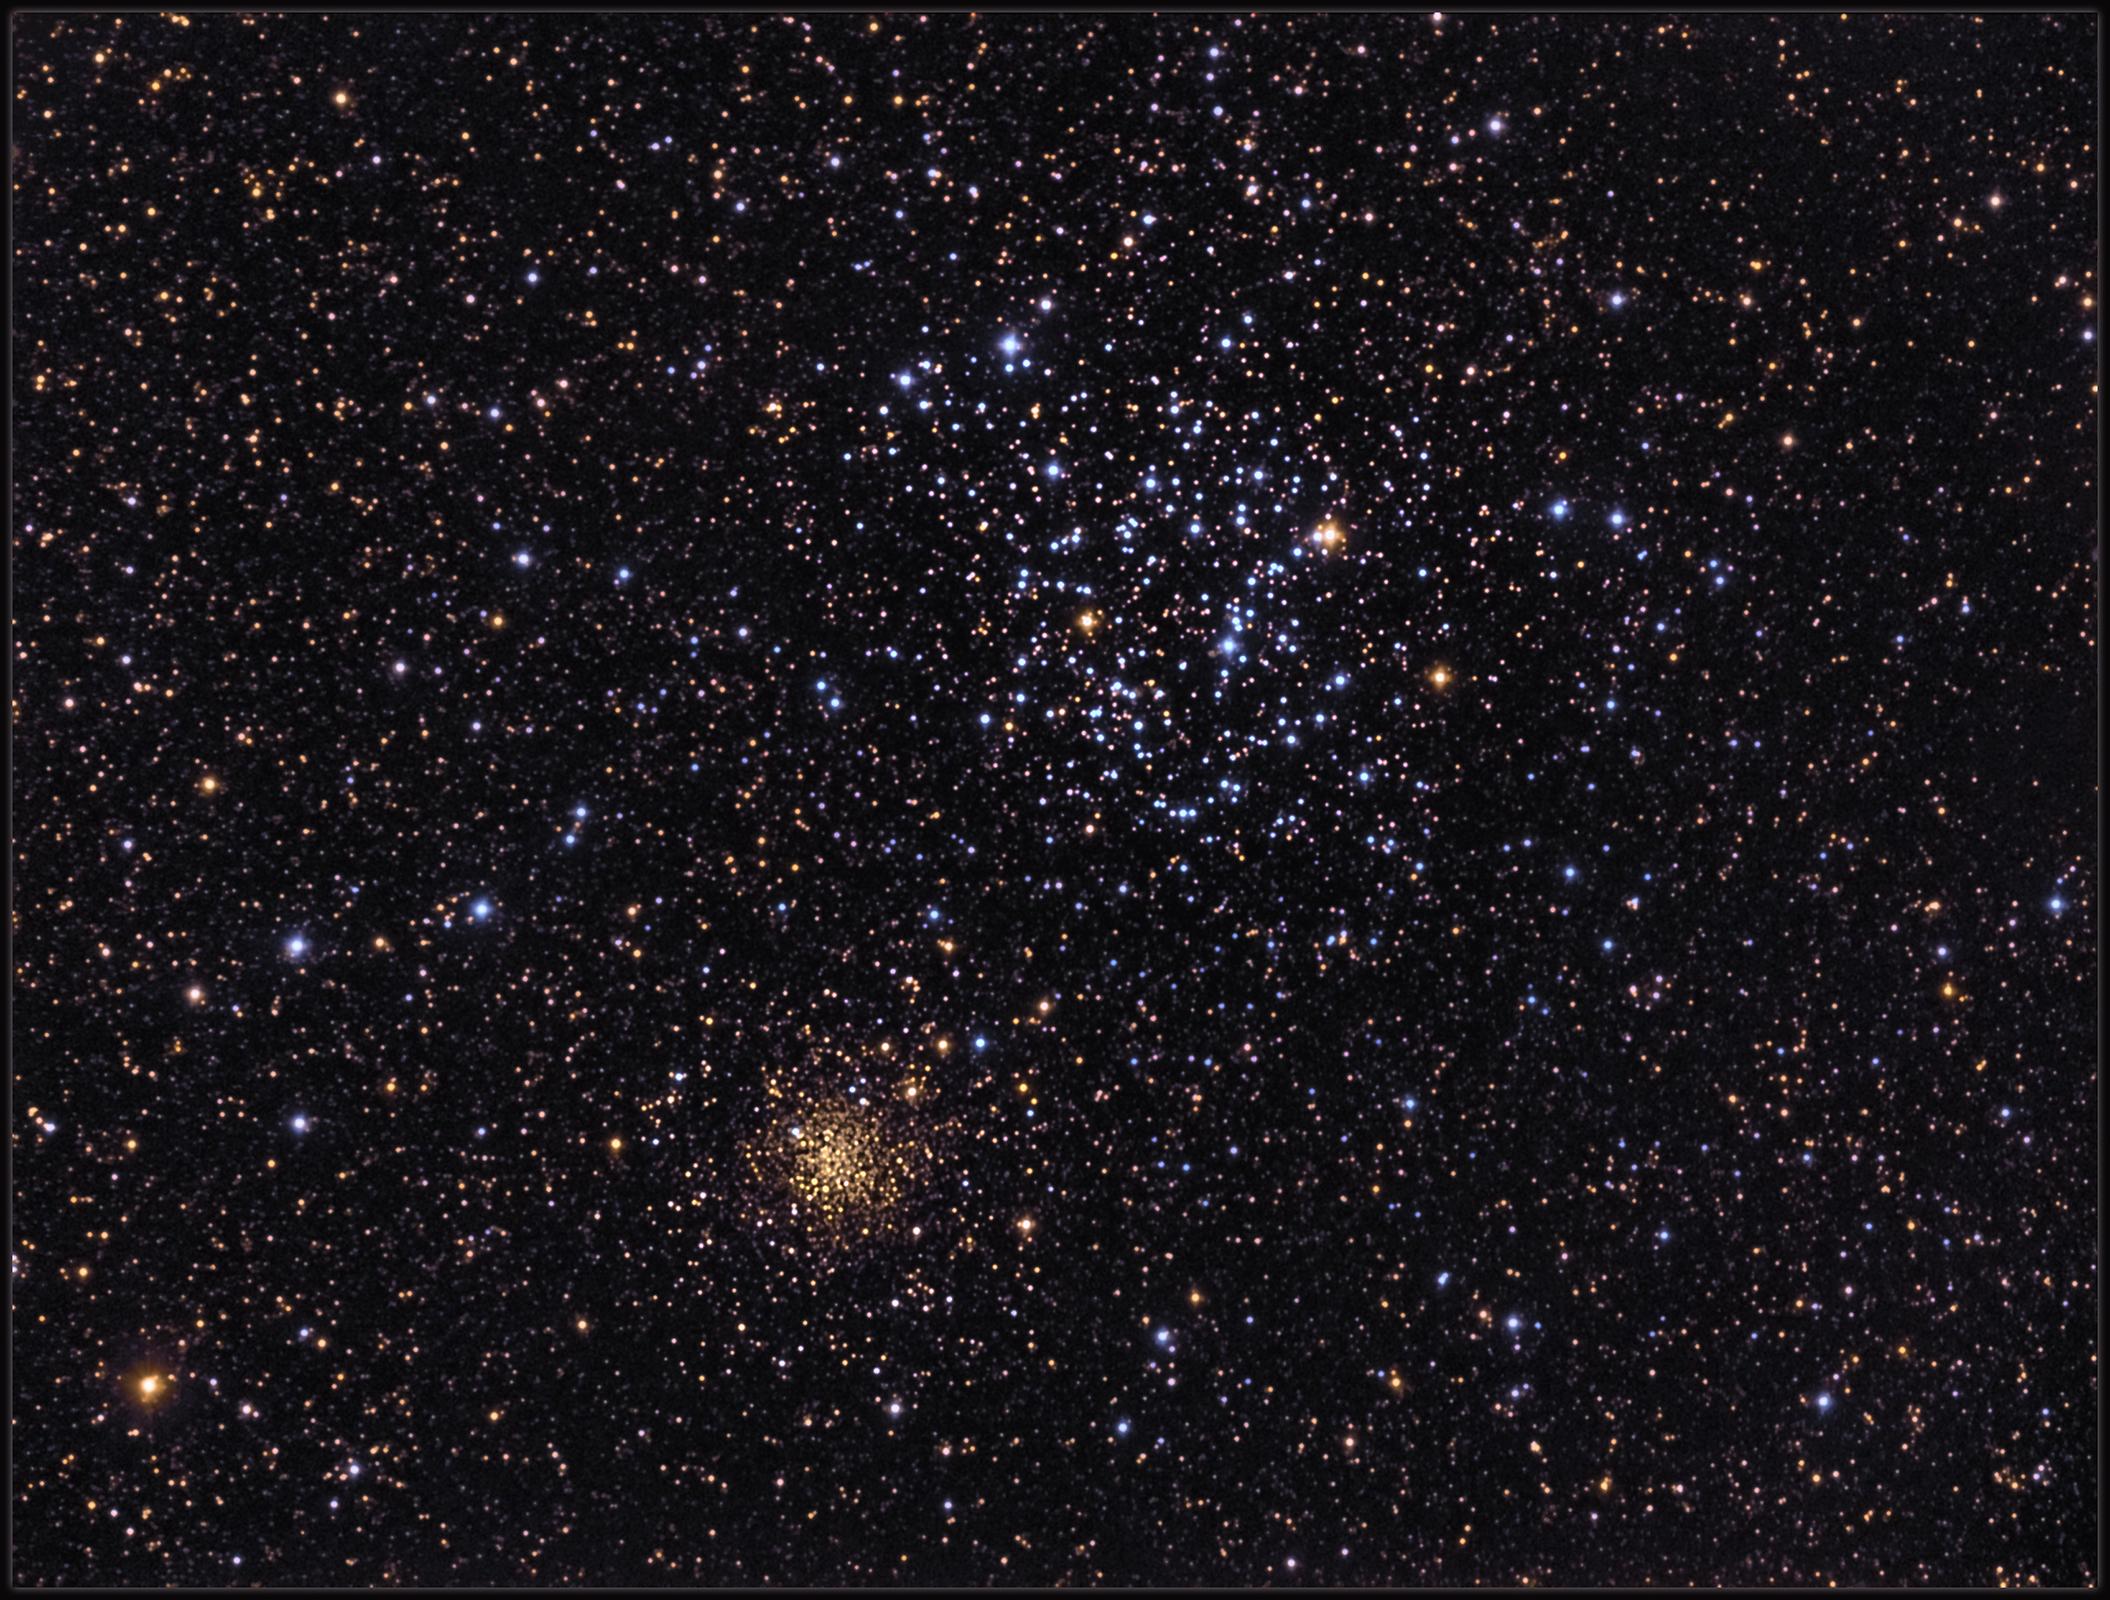 Созвездие близнецы на небе фото